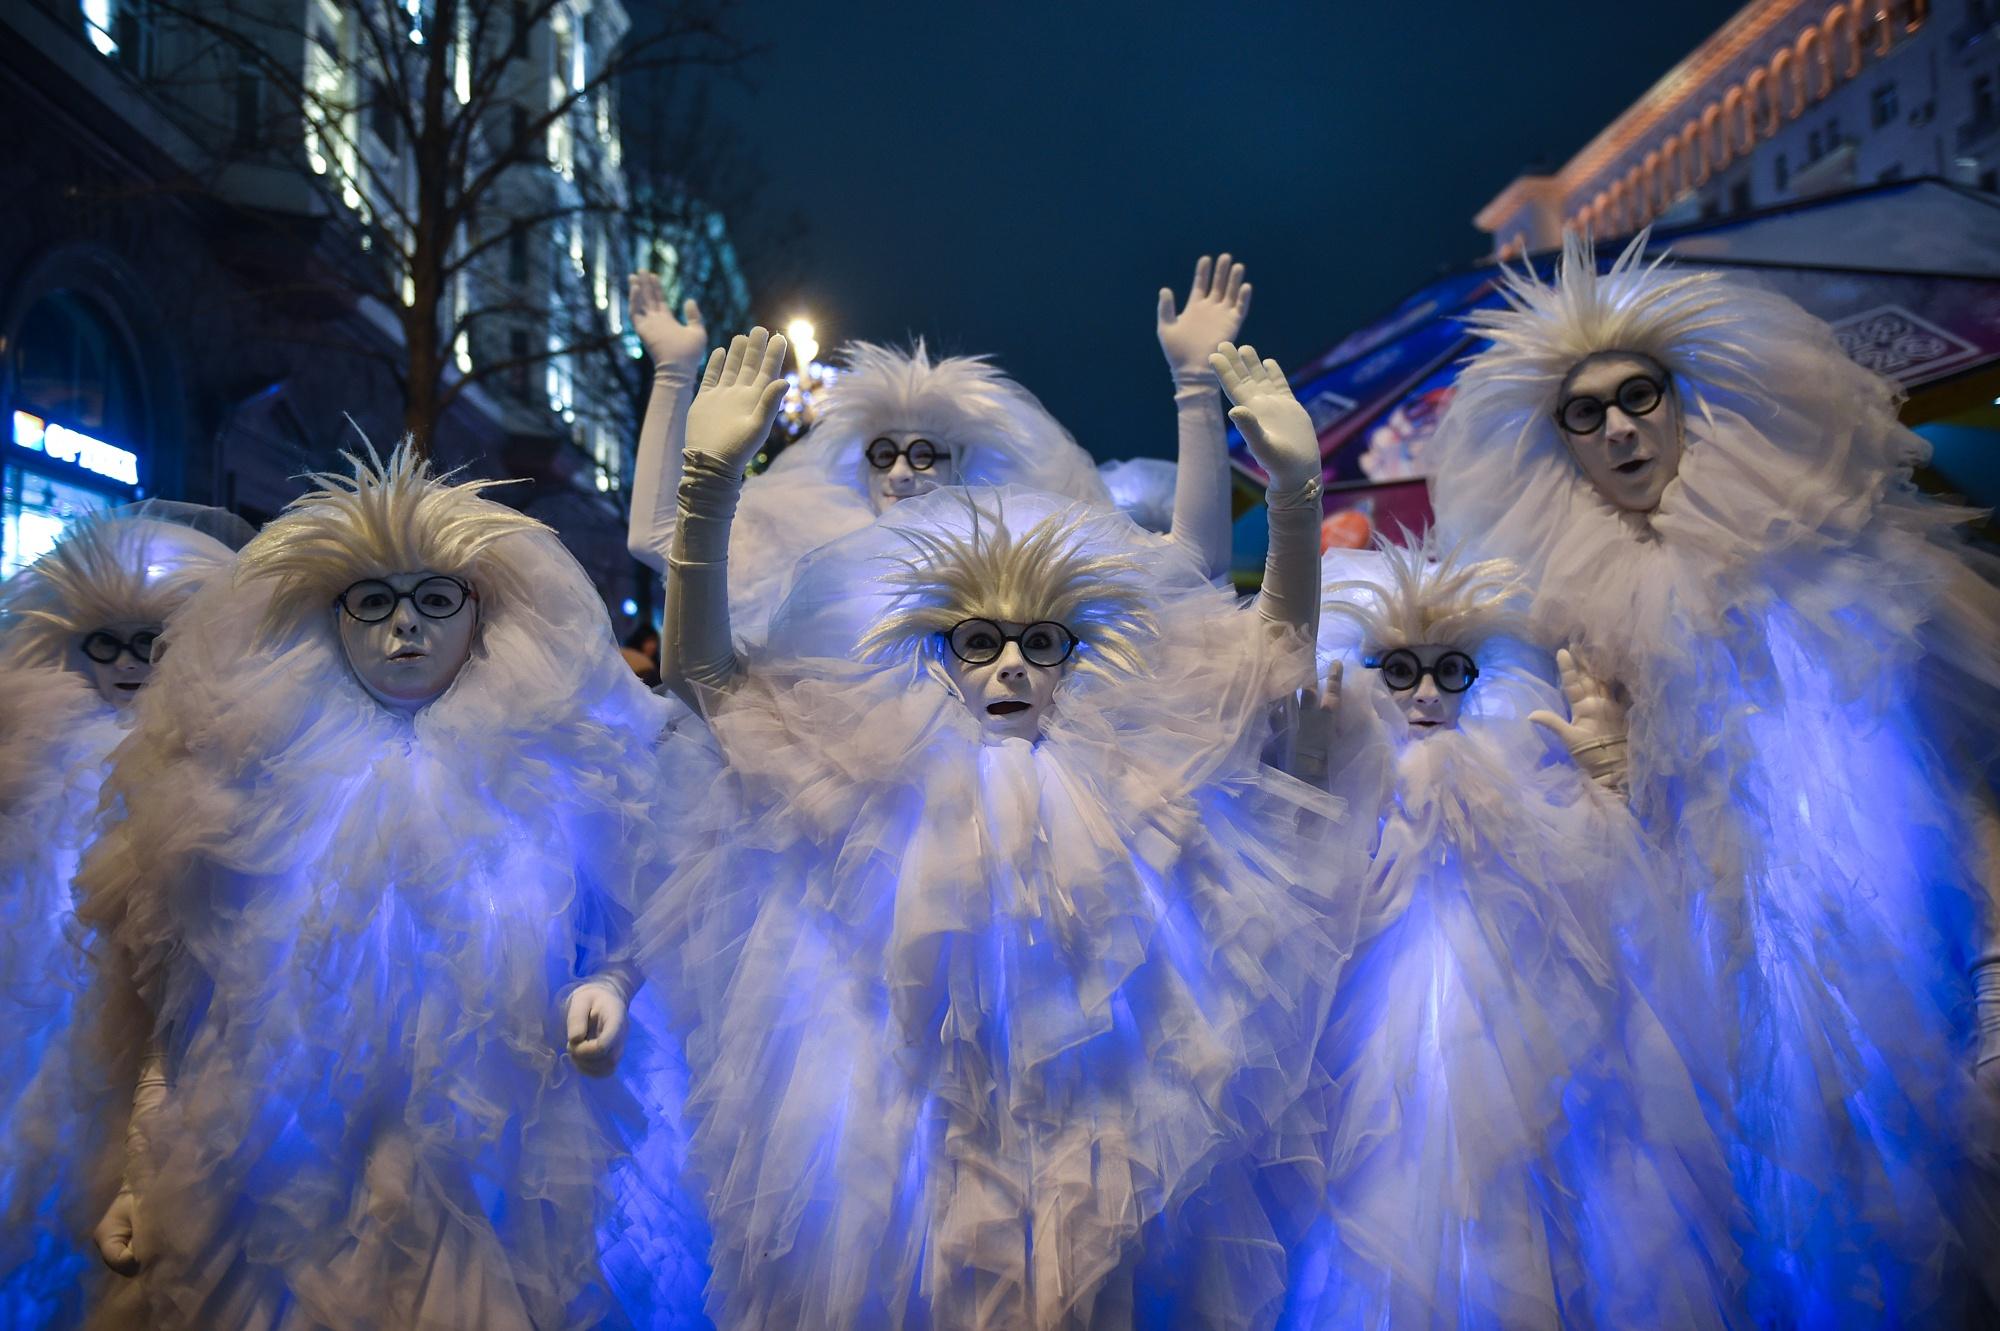 Встречать 2020 год на улицы столицы вышли почти 3 млн человек.